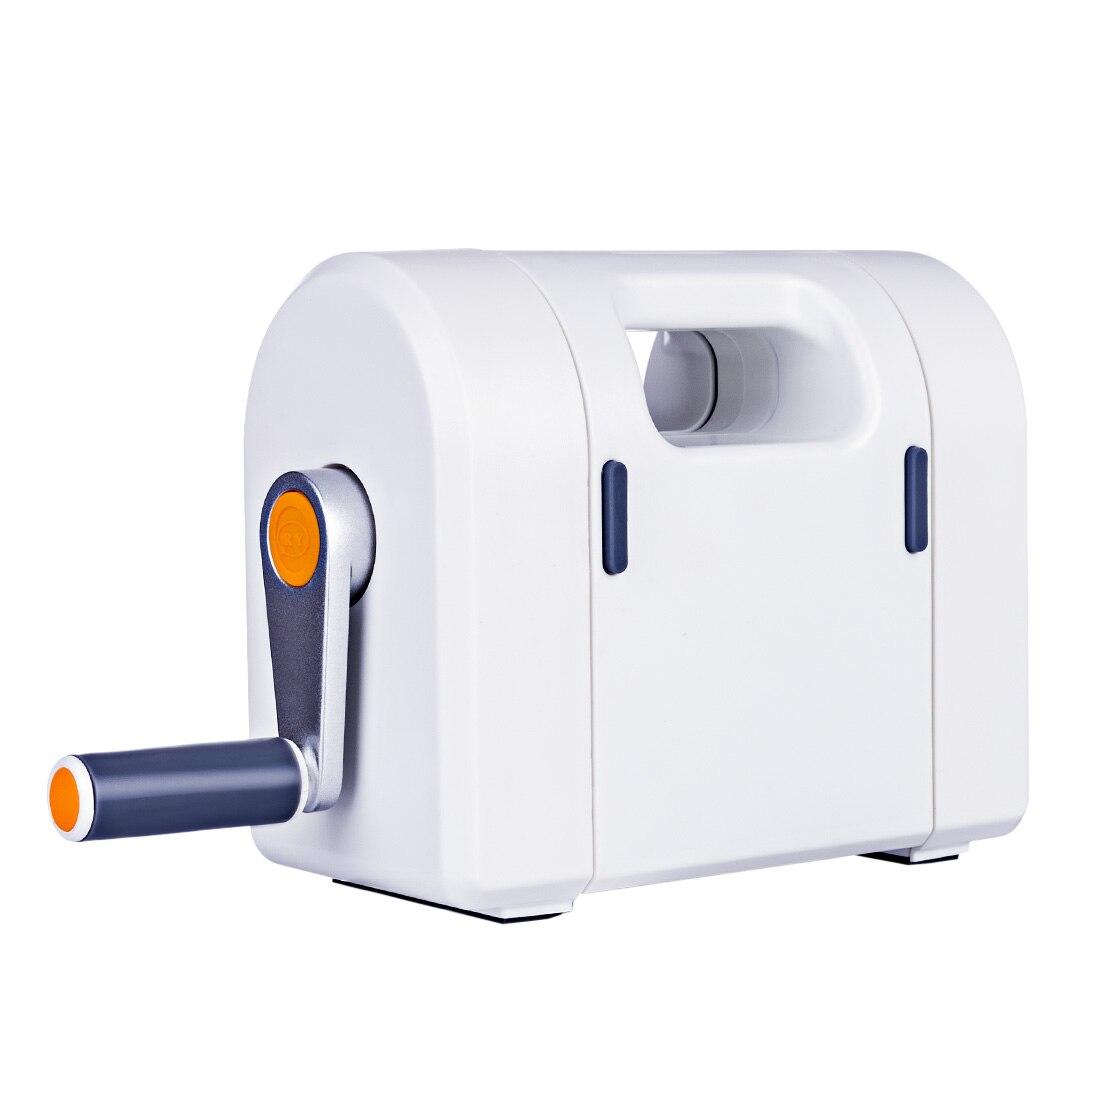 Новый креативный DIY штамповочный станок для тиснения Scrabooking Alubm резак для карт кусок бумажный инструмент для домашнего тиснения штампы инст...